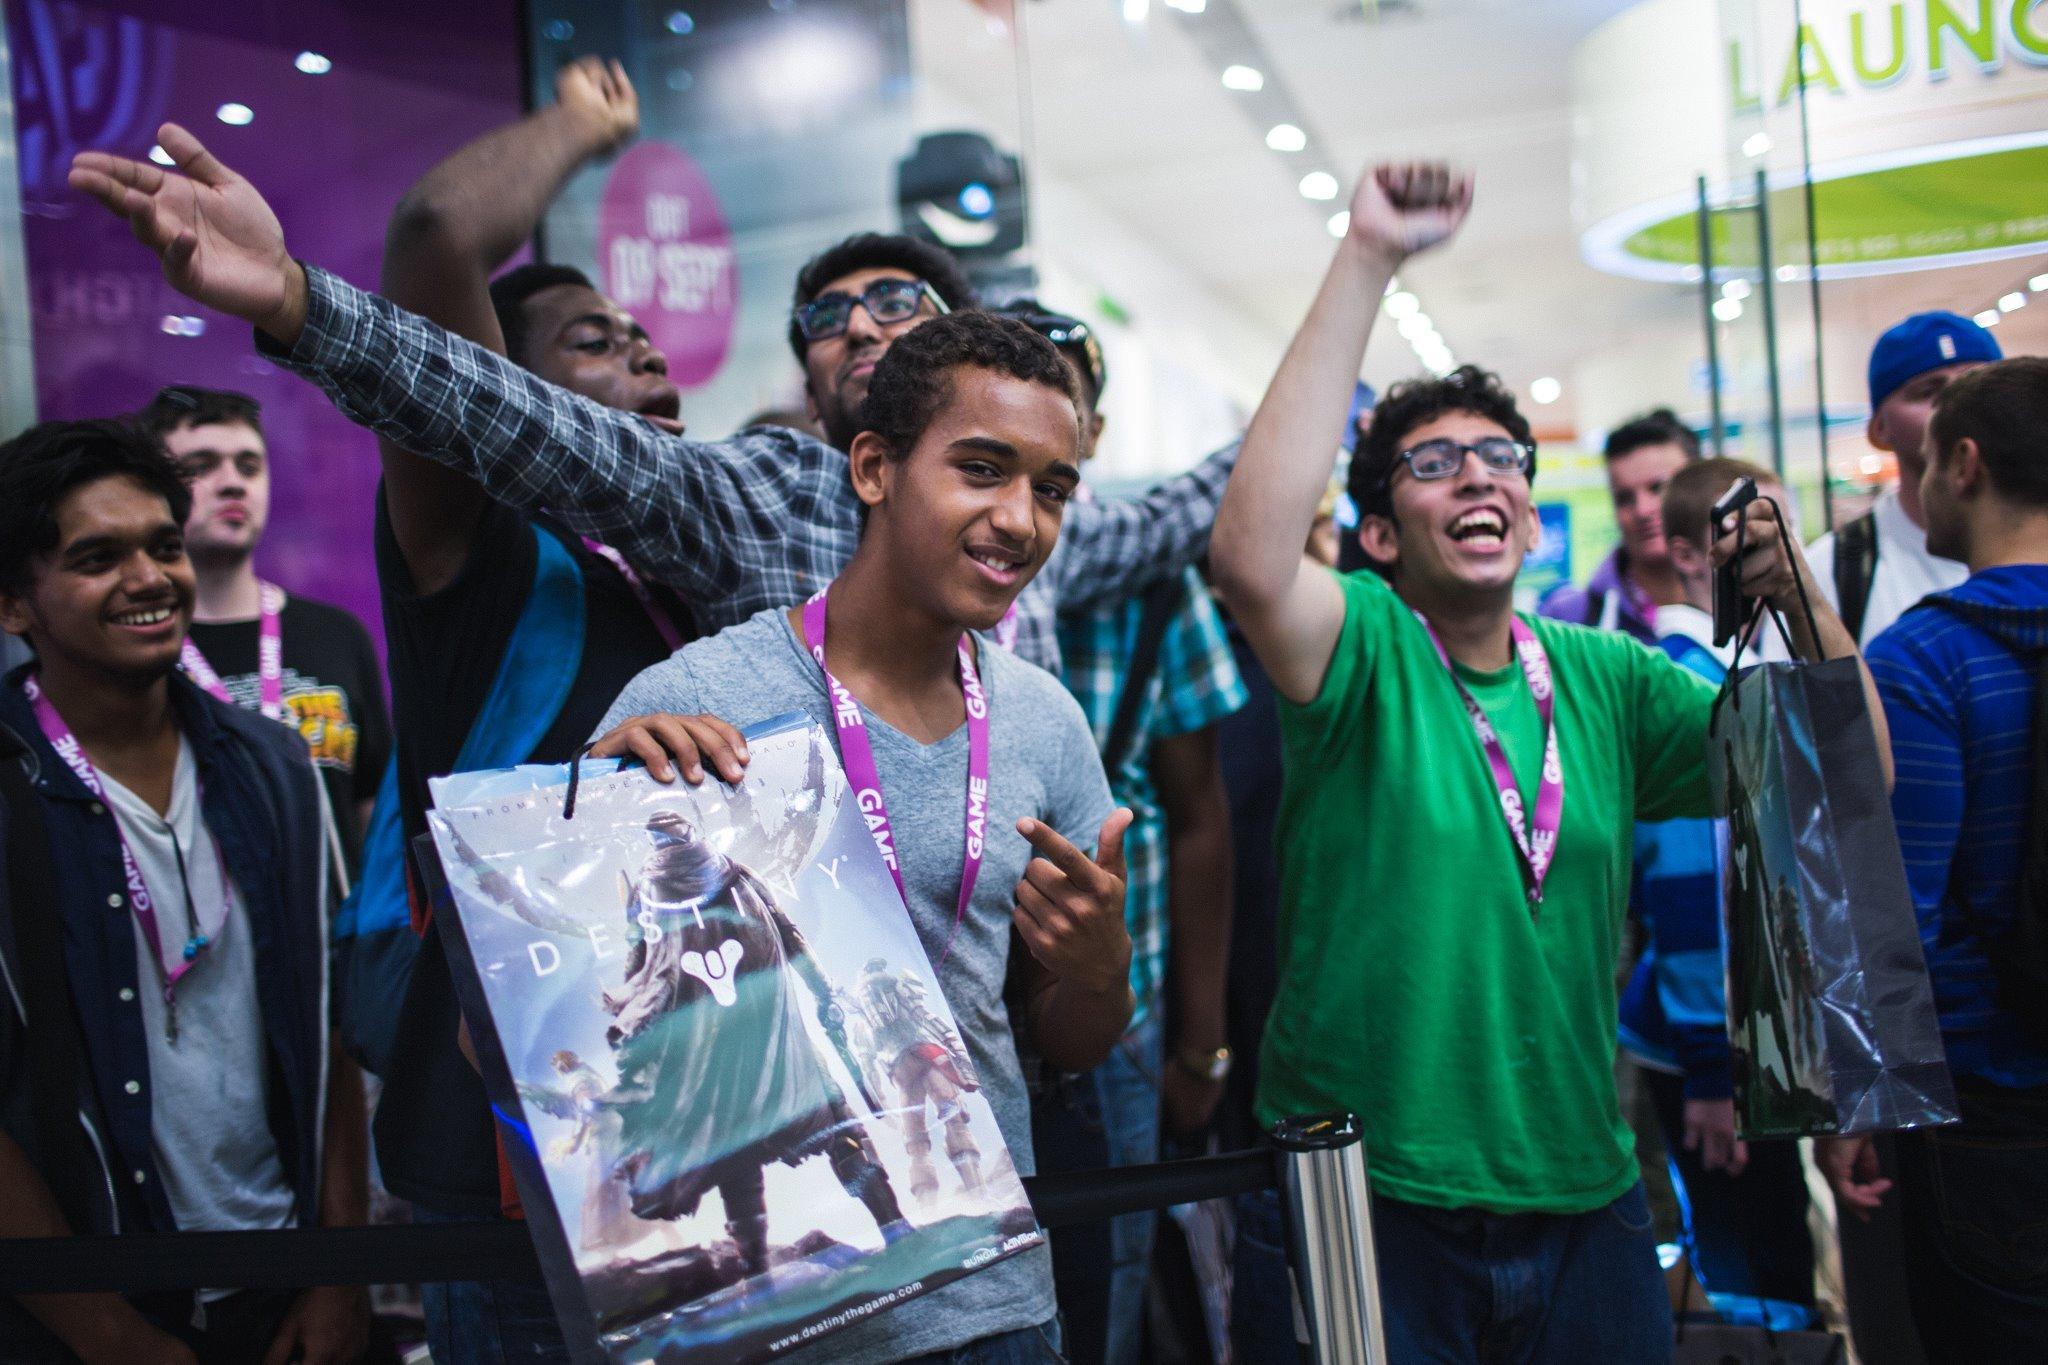 Activision сообщает о том, что первый же день продаж Destiny принес создателям прибыль в размере более 500 миллио ... - Изображение 1